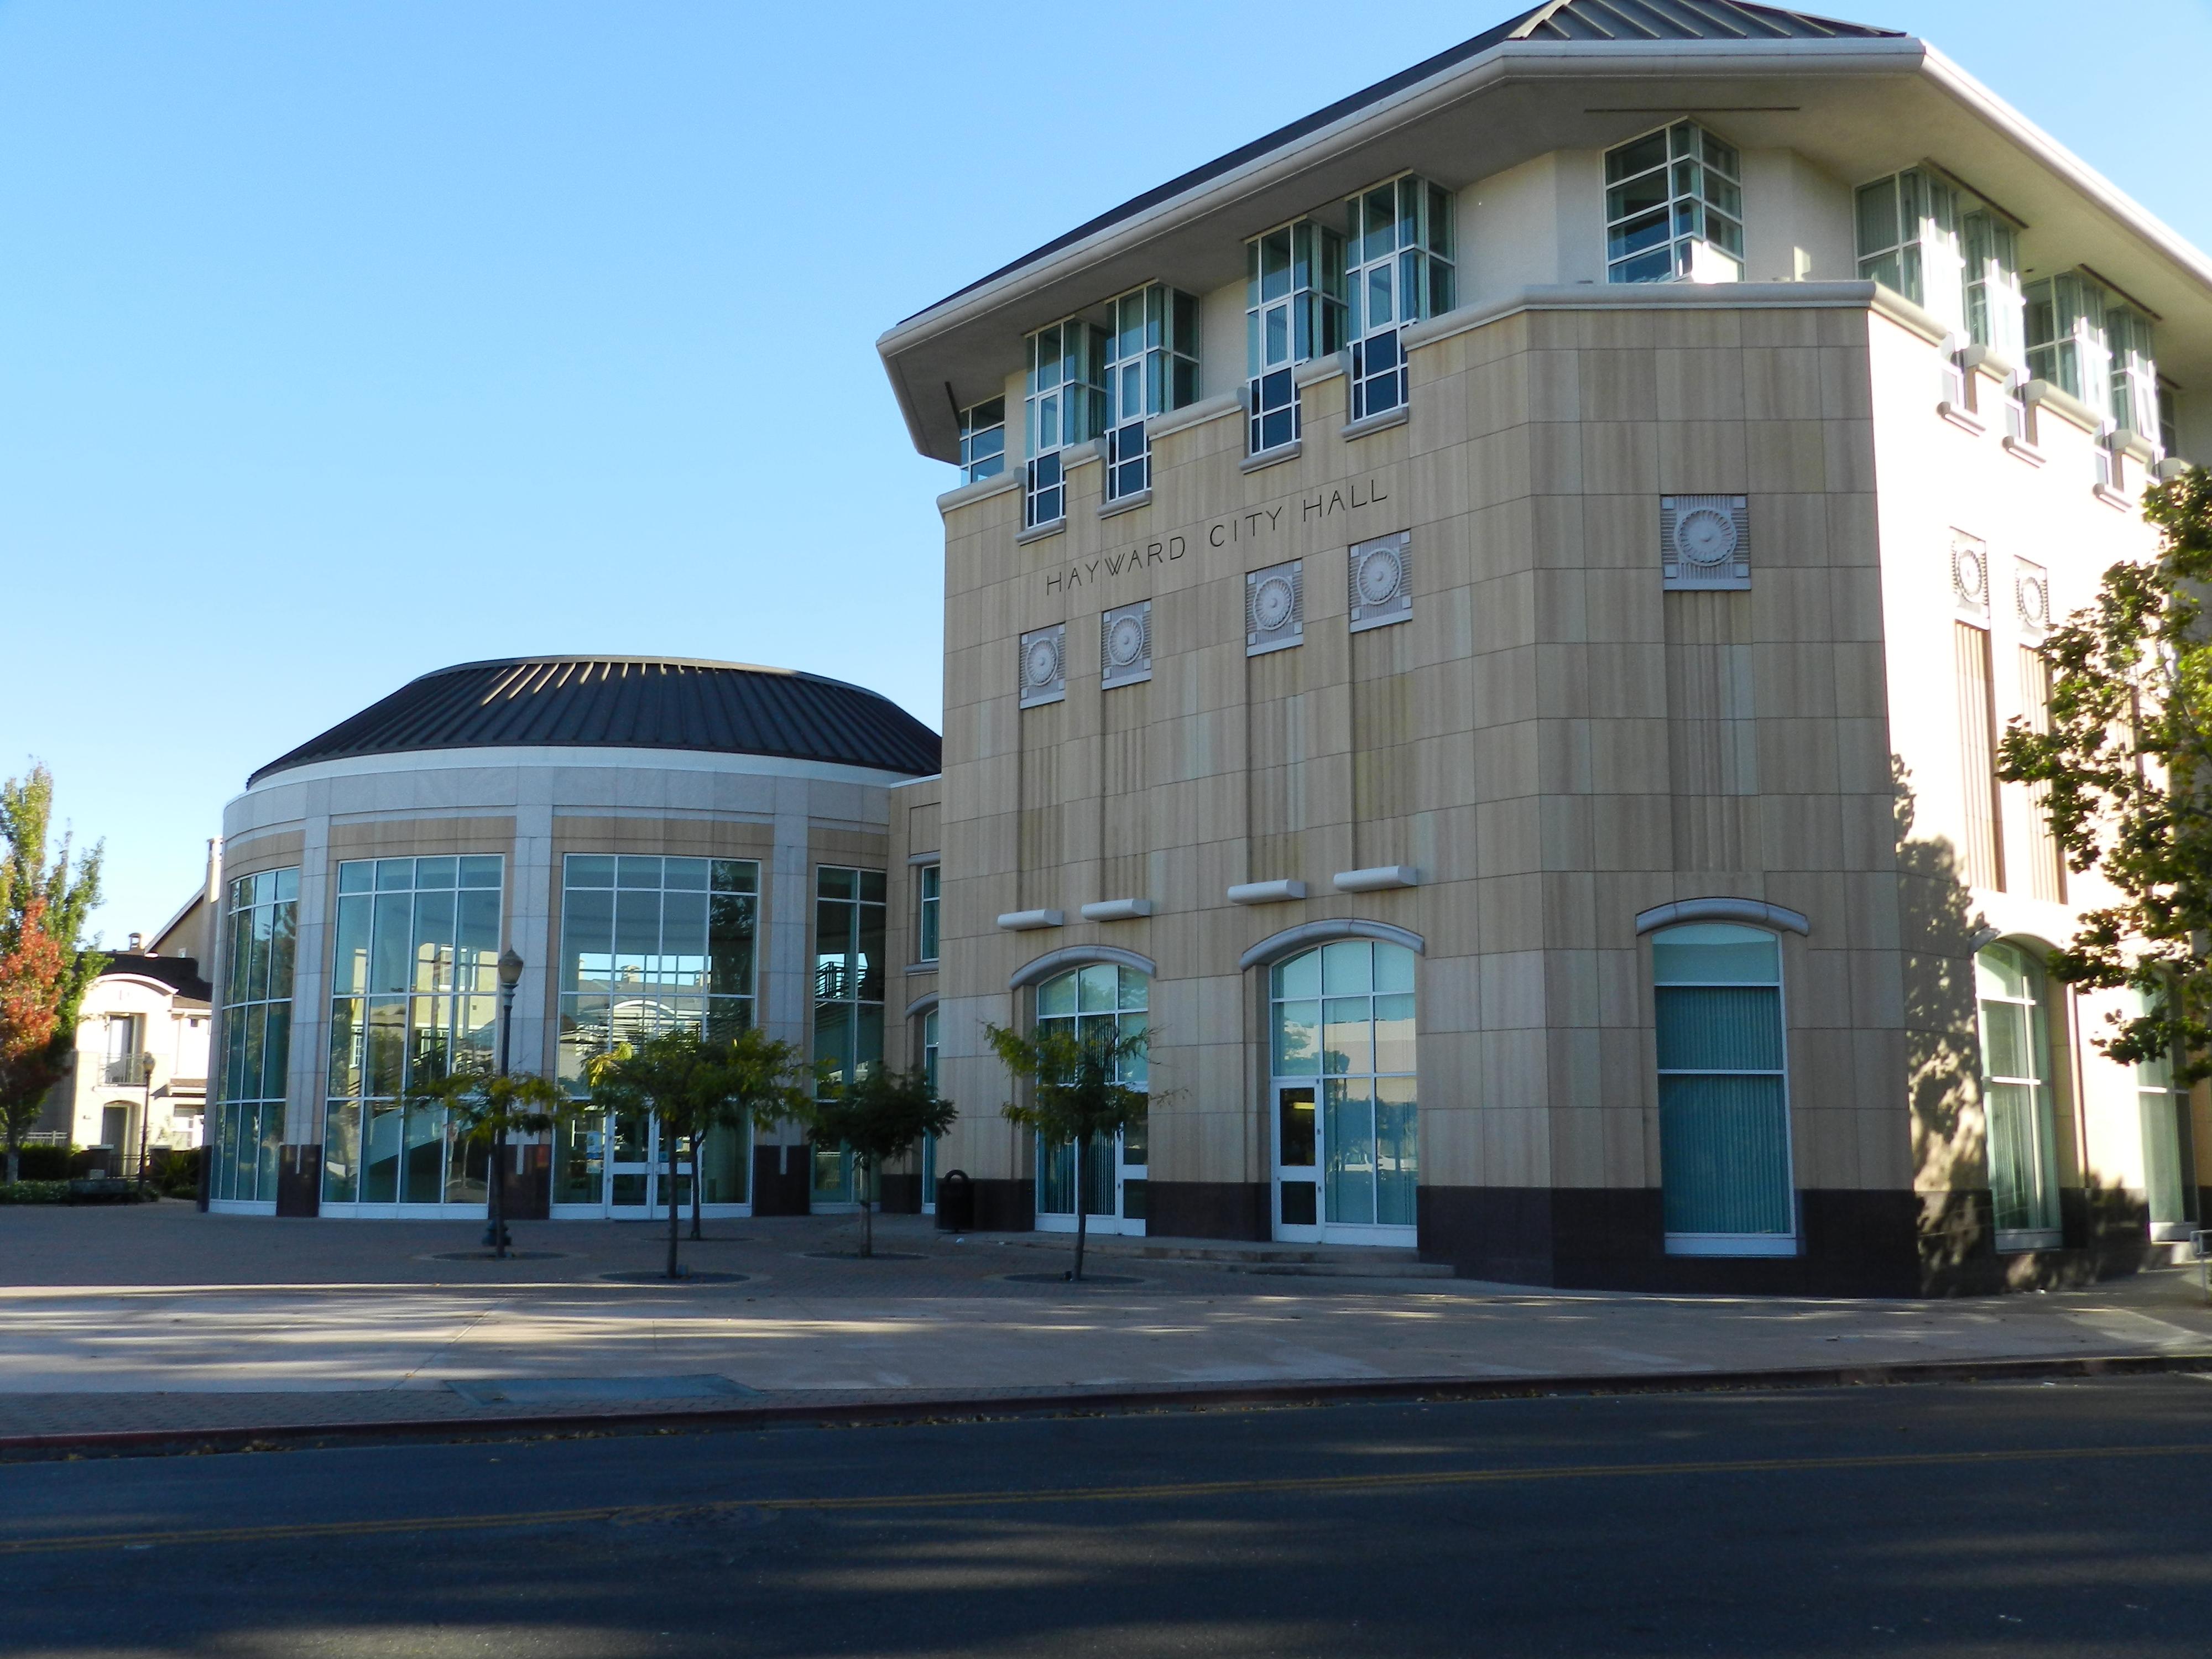 City Hall Plaza Hayward Ca